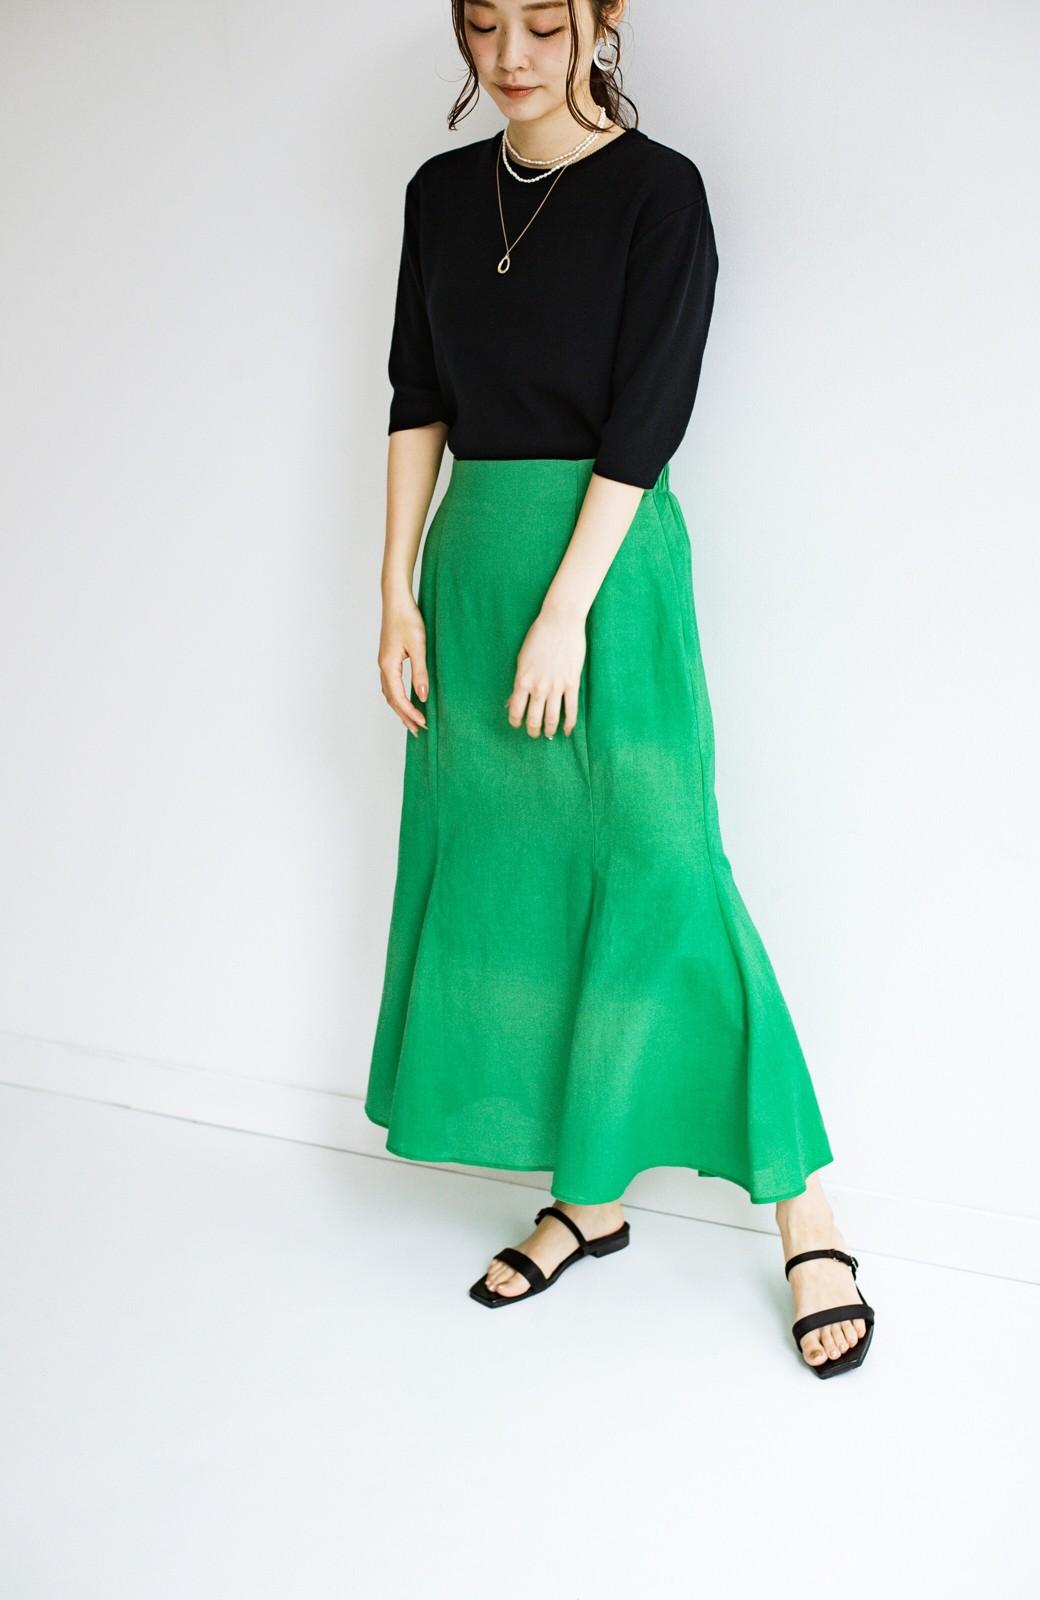 haco! 時間のない朝にもパッと出かけられる!元気が出るきれい色スカートにちょうどいいロゴTシャツを合わせておいた作り置きコーデセット by que made me <その他>の商品写真22